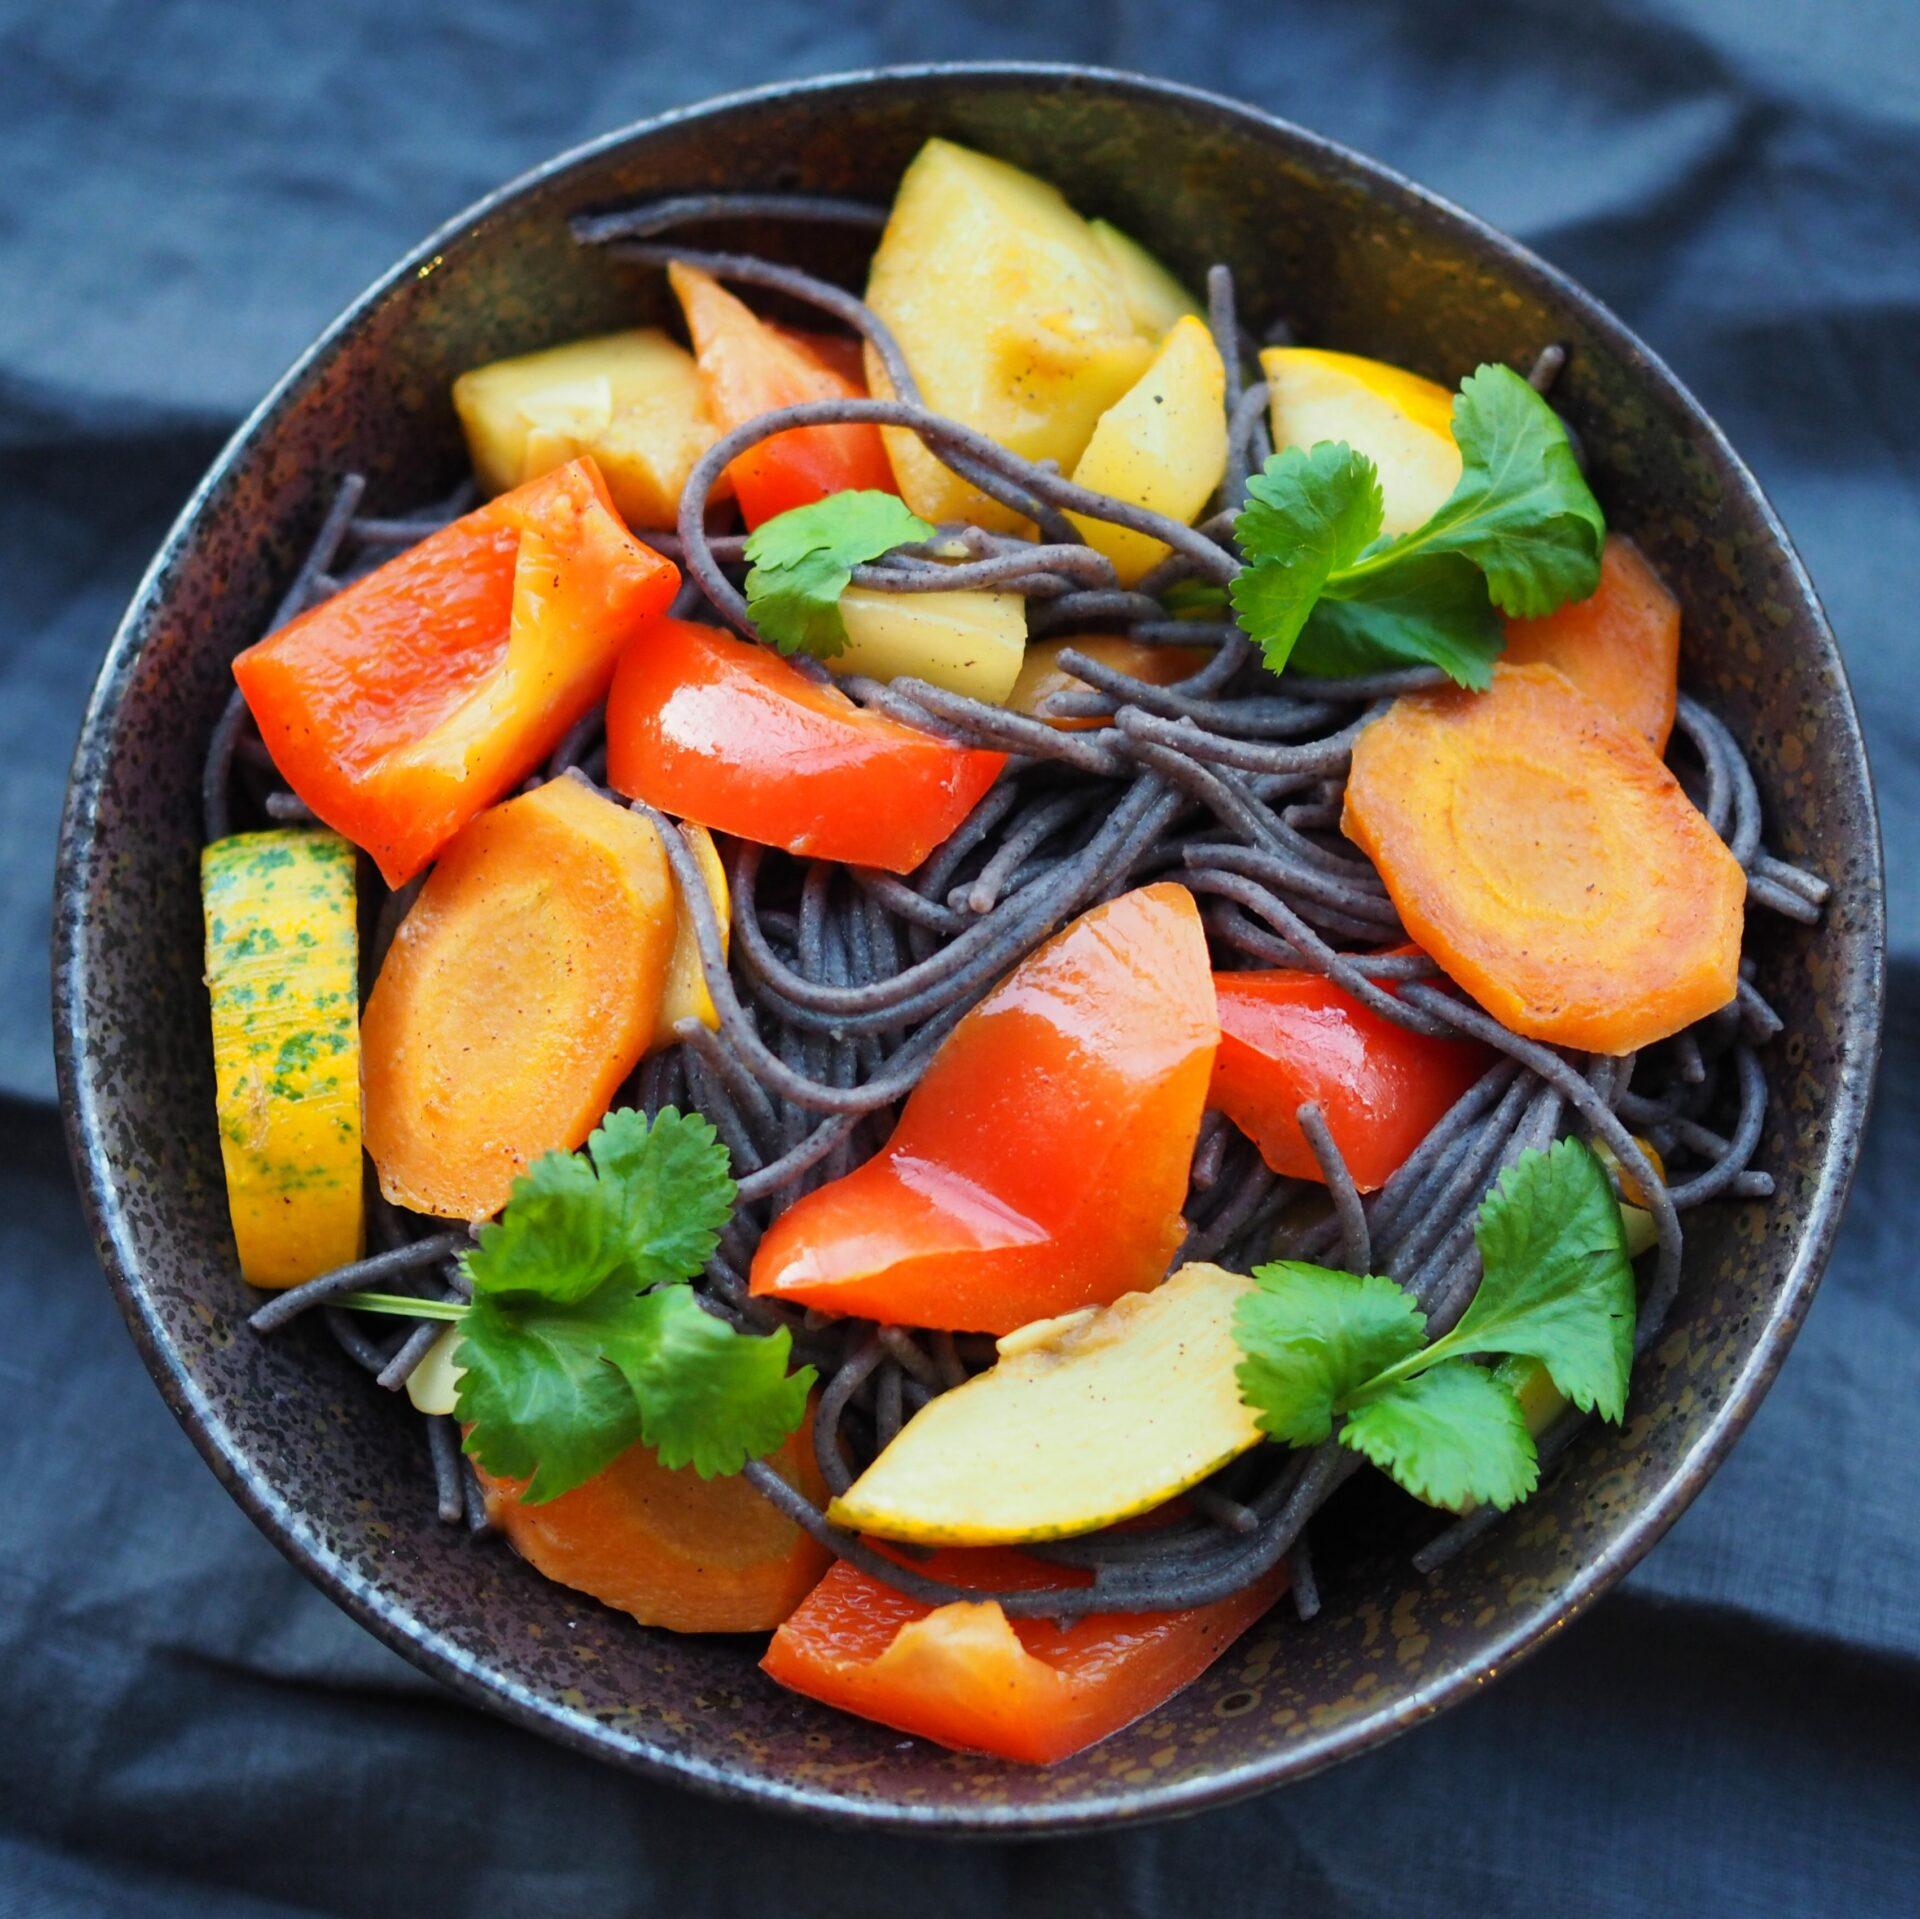 Makaron strączkowy ze smażonymi warzywami